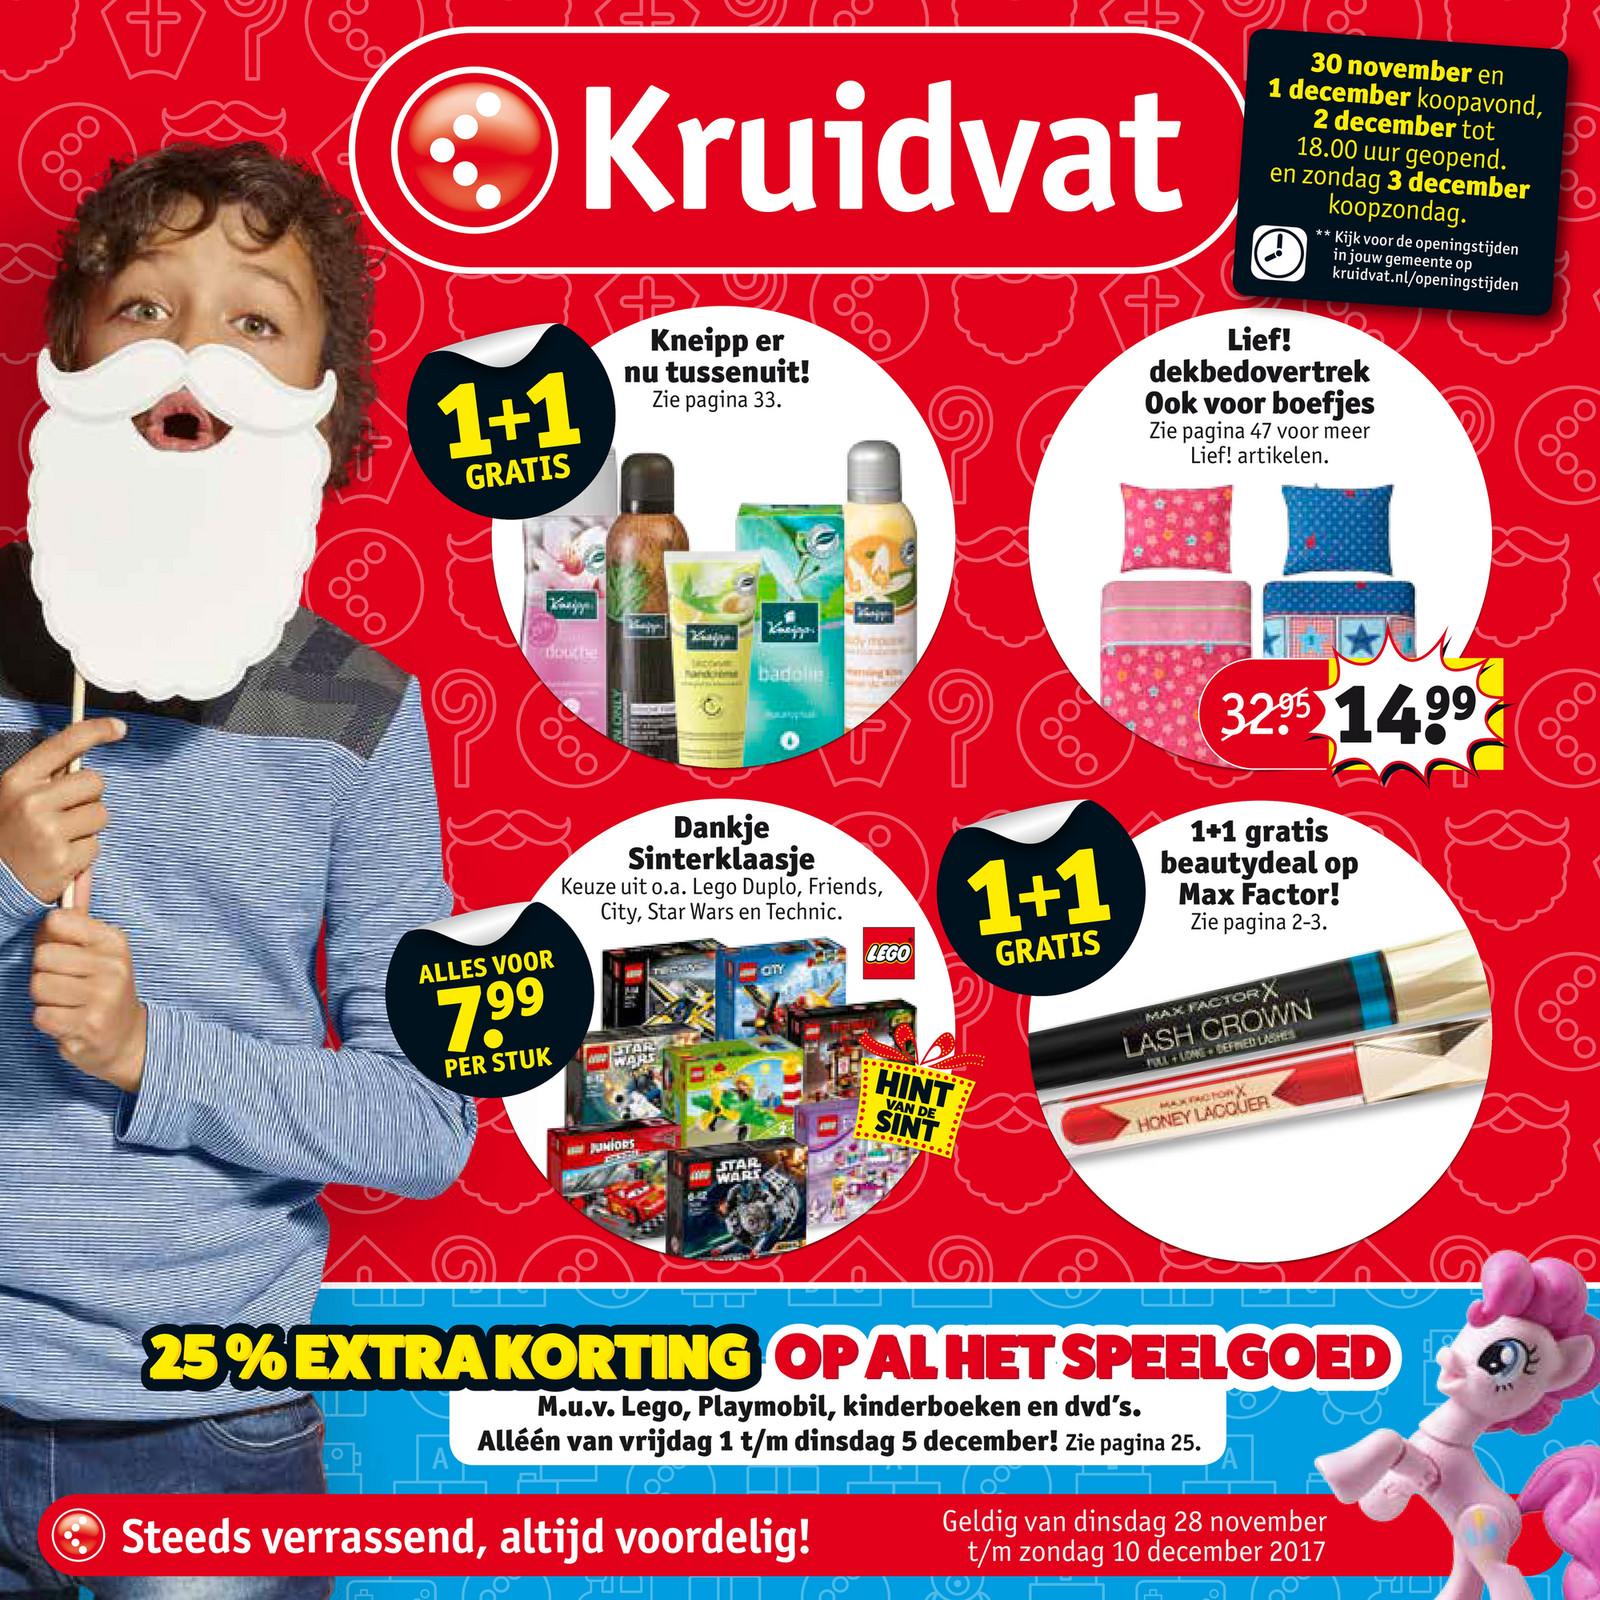 Kersttrui Kruidvat.Kruidvat Nederland Kruidvat Folder Week 48 Cm Pagina 60 61